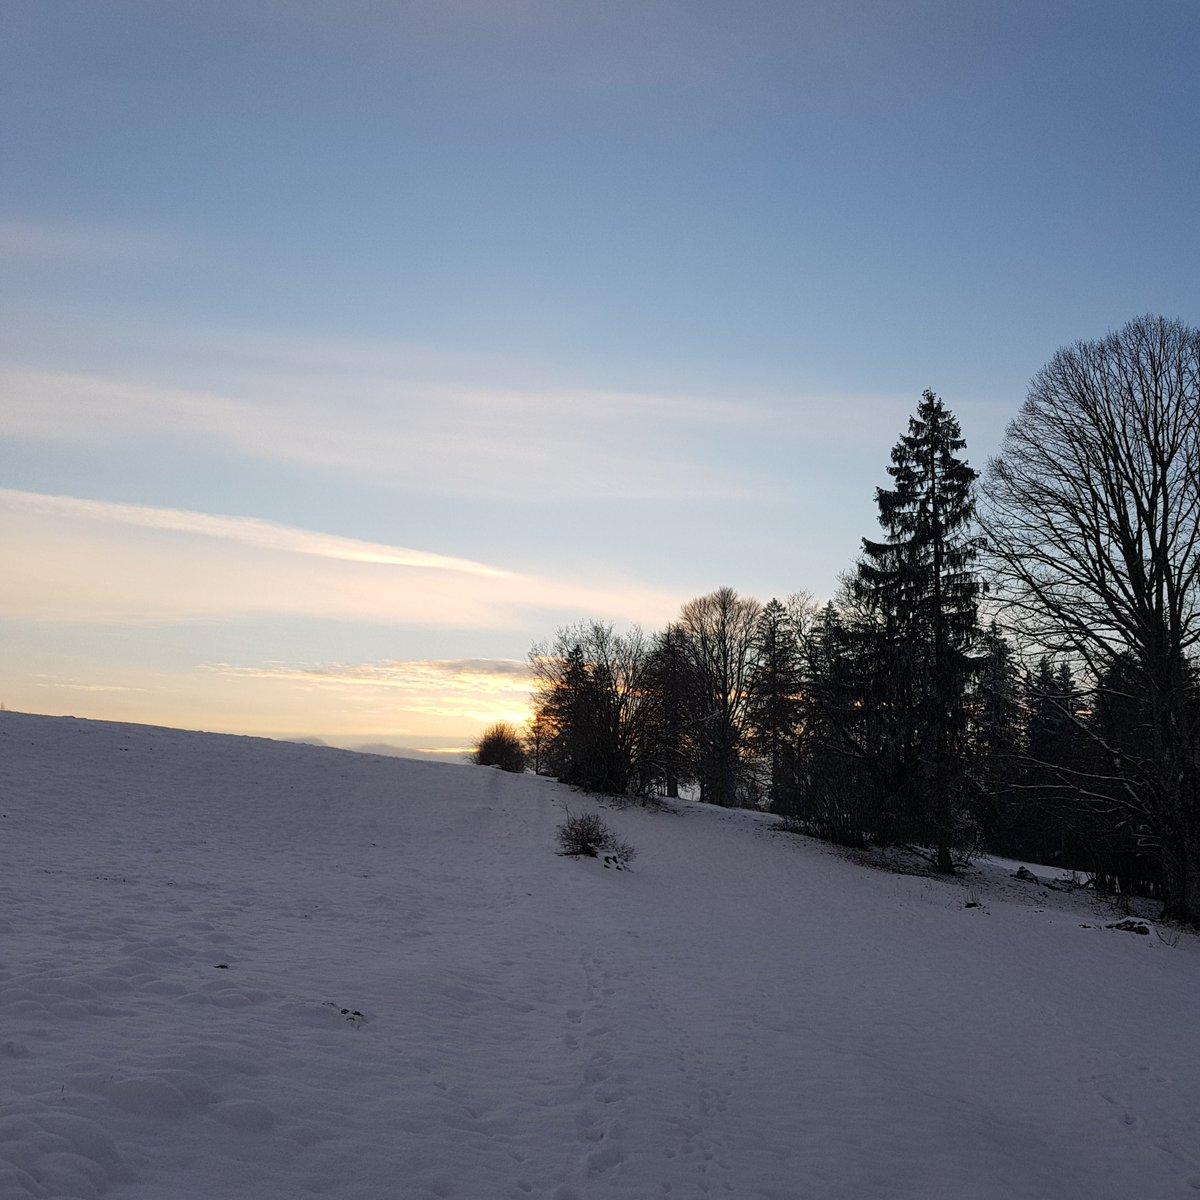 Waldhase5 On Twitter Guten Morgen Ihr Menschen 3 Advent